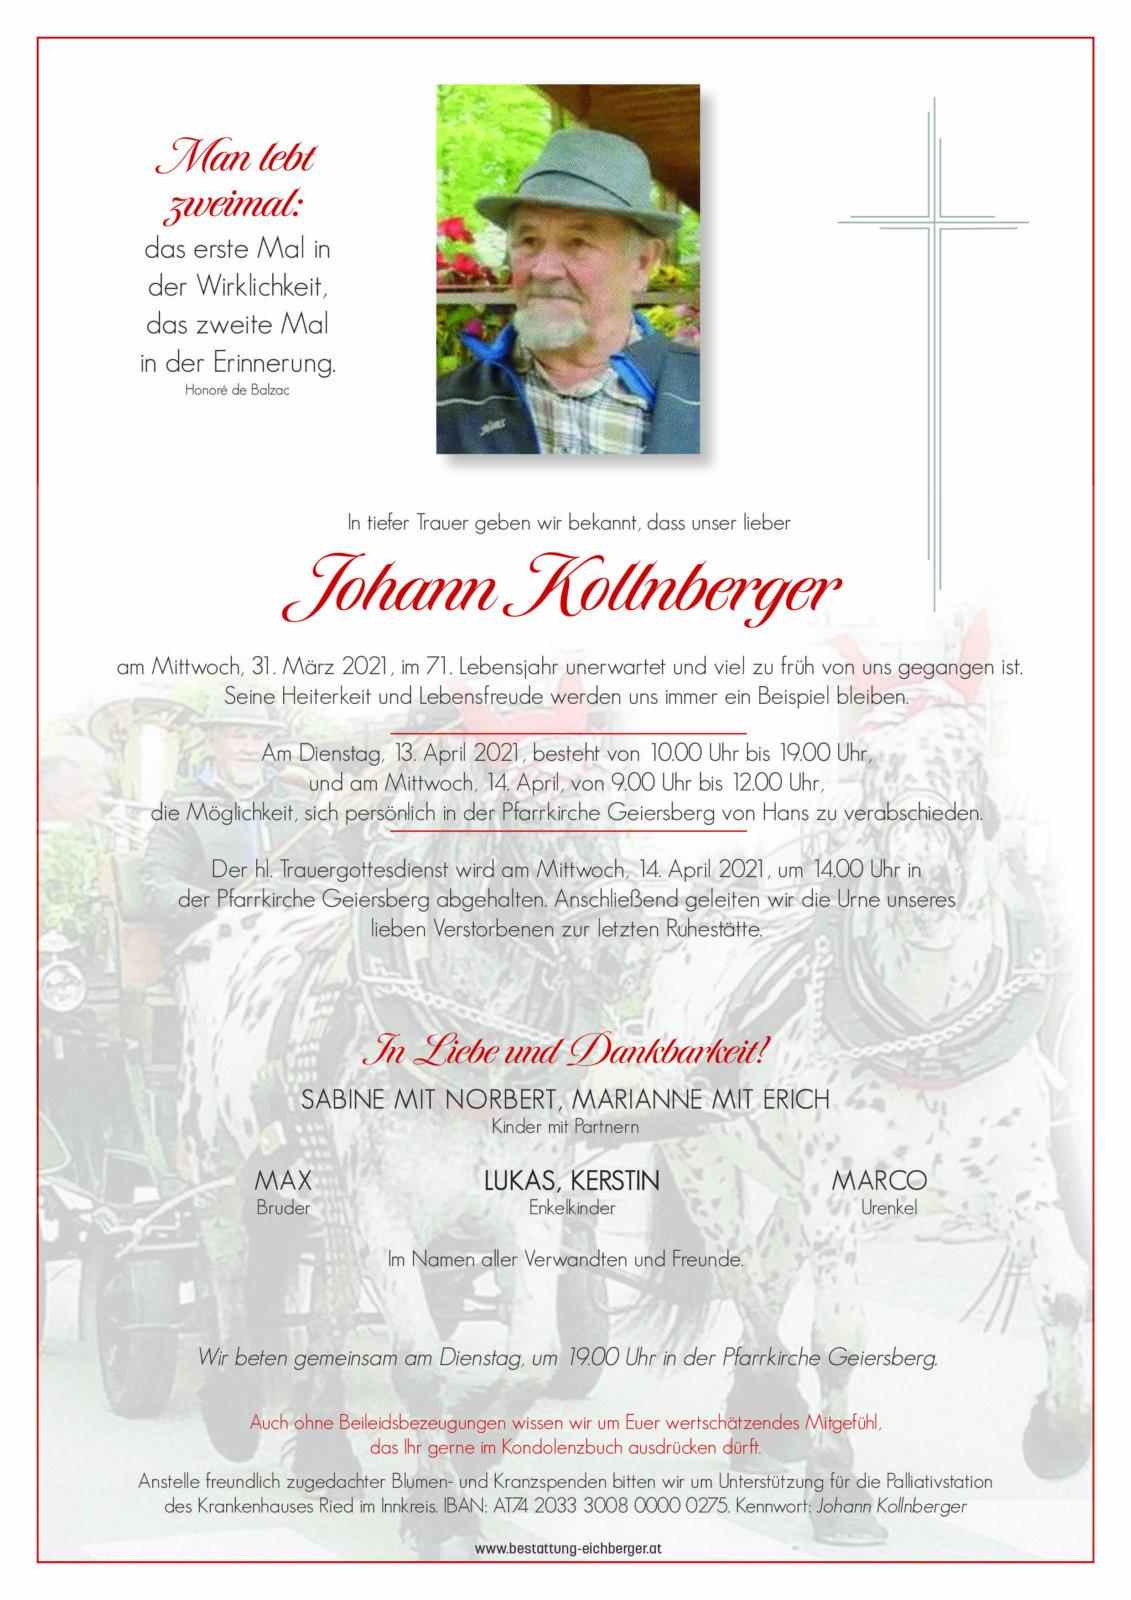 kollnberger-johann-parte